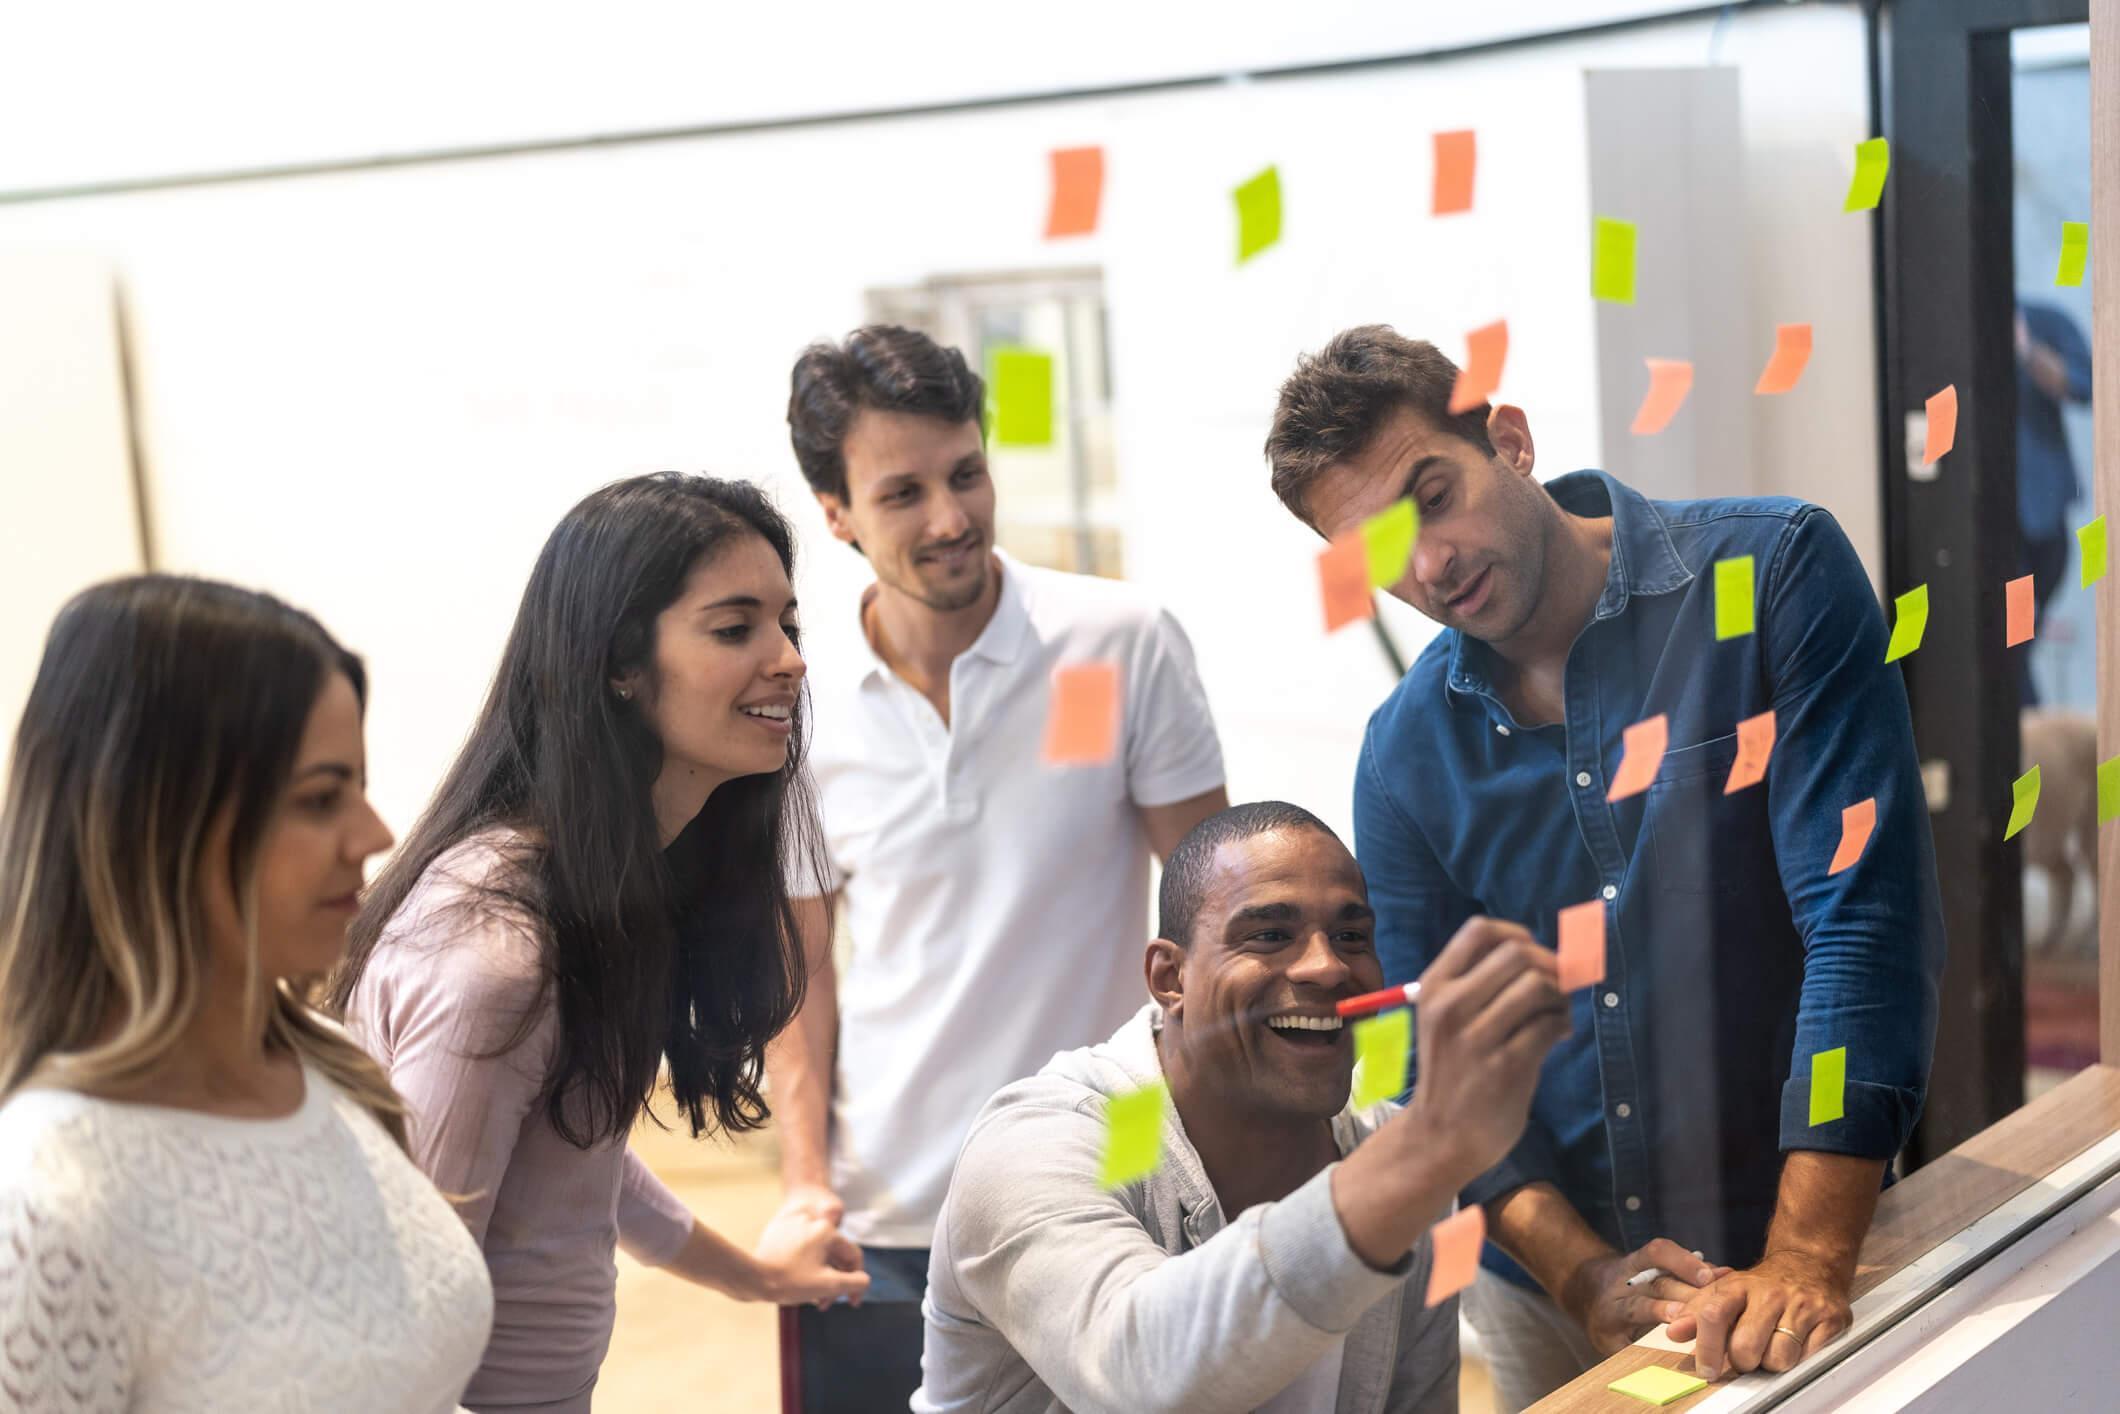 veja como a gestao da inovacao e aplicada nas empresas